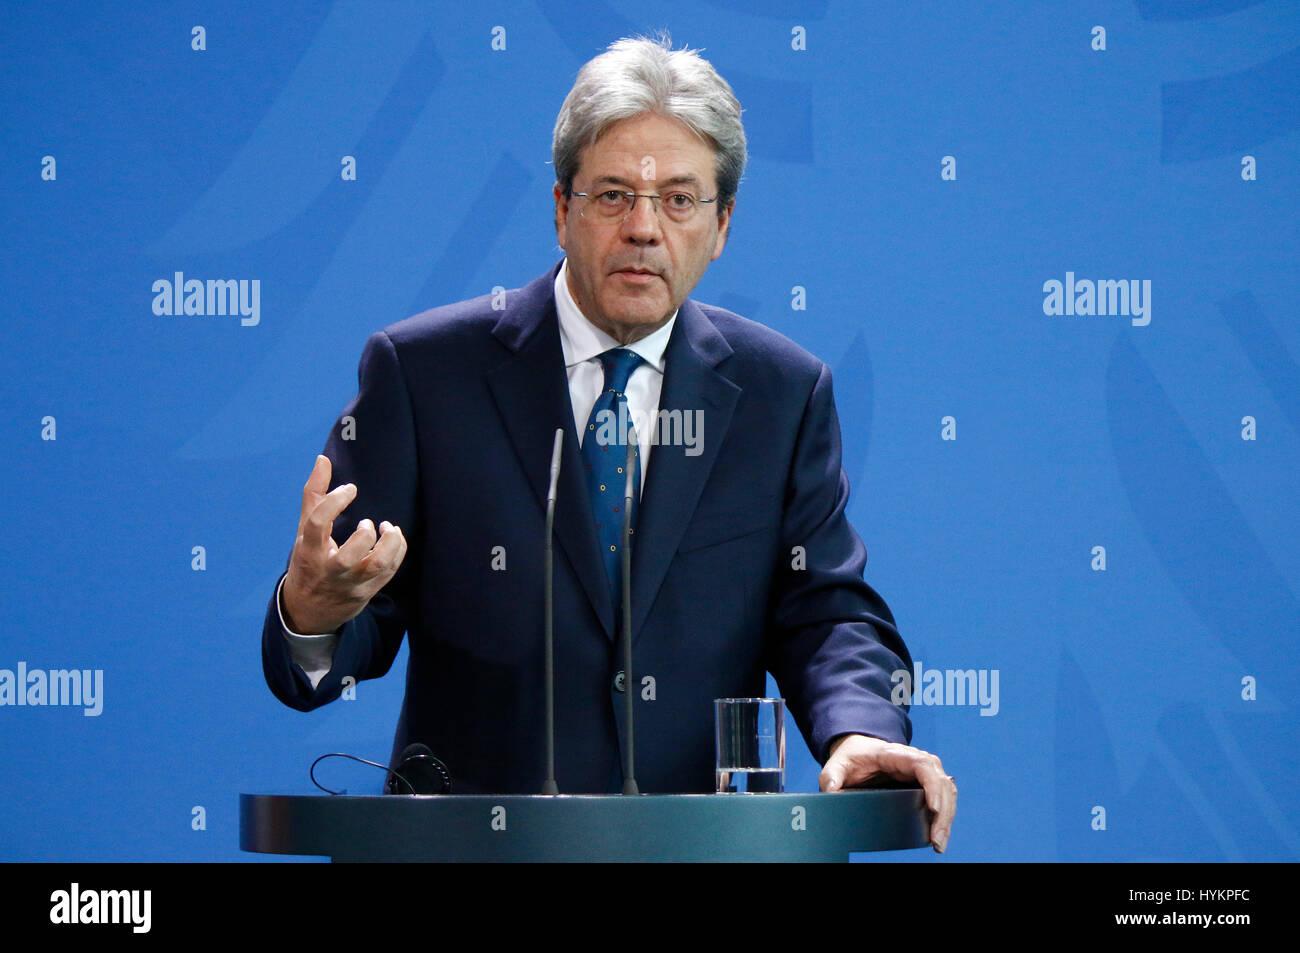 Paolo Gentiloni - Treffen der dt. Bundeskanzlerin mit dem italienischen Premierminister, Bundeskanzleramt, 18. Januar - Stock Image